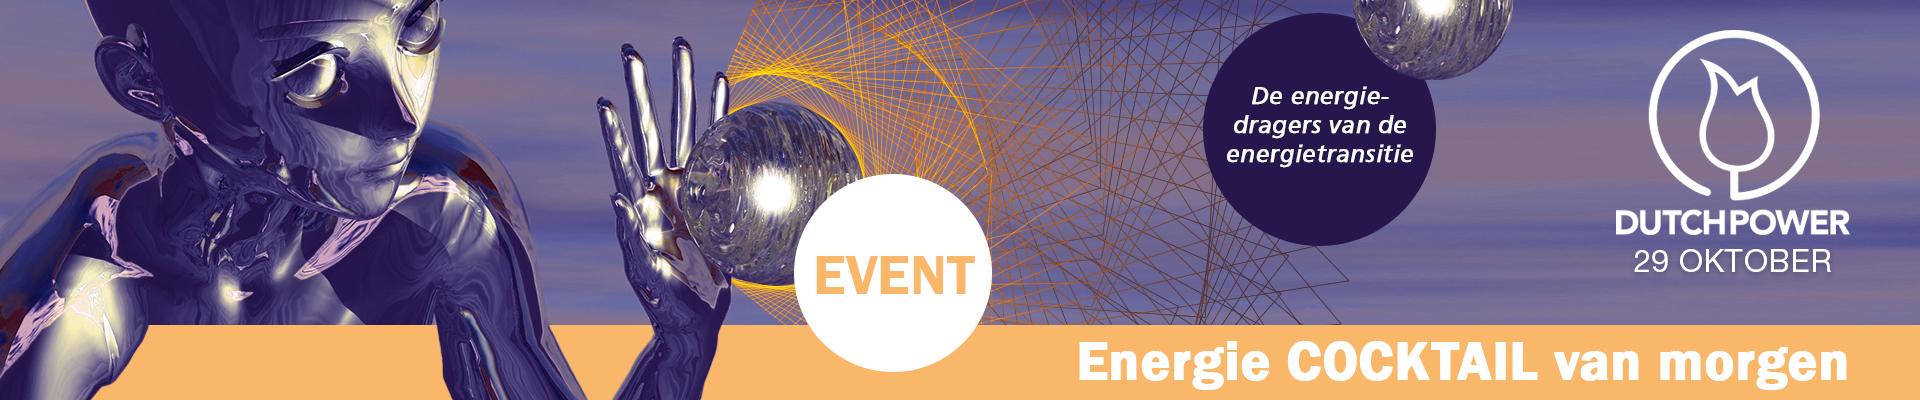 Energie COCKTAIL van morgen